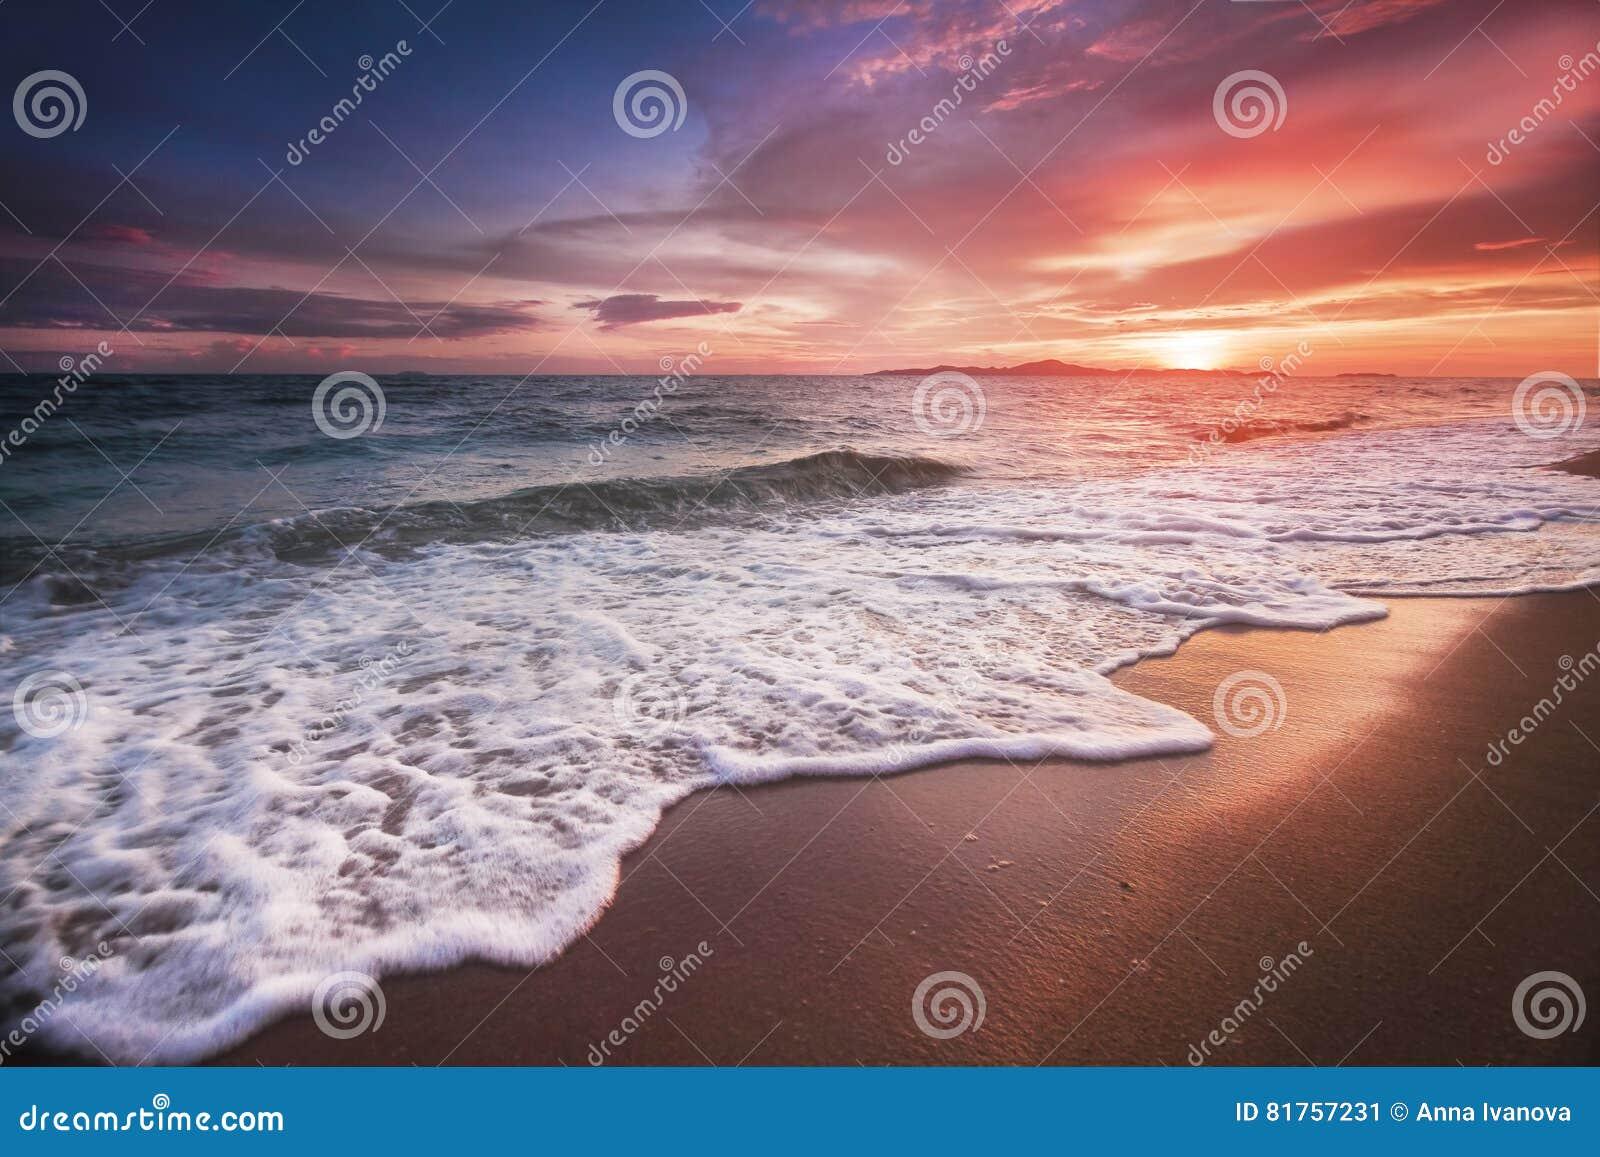 Coucher du soleil incroyablement beau sur la plage en Thaïlande Sun, ciel, mer, vagues et sable Des vacances par la mer